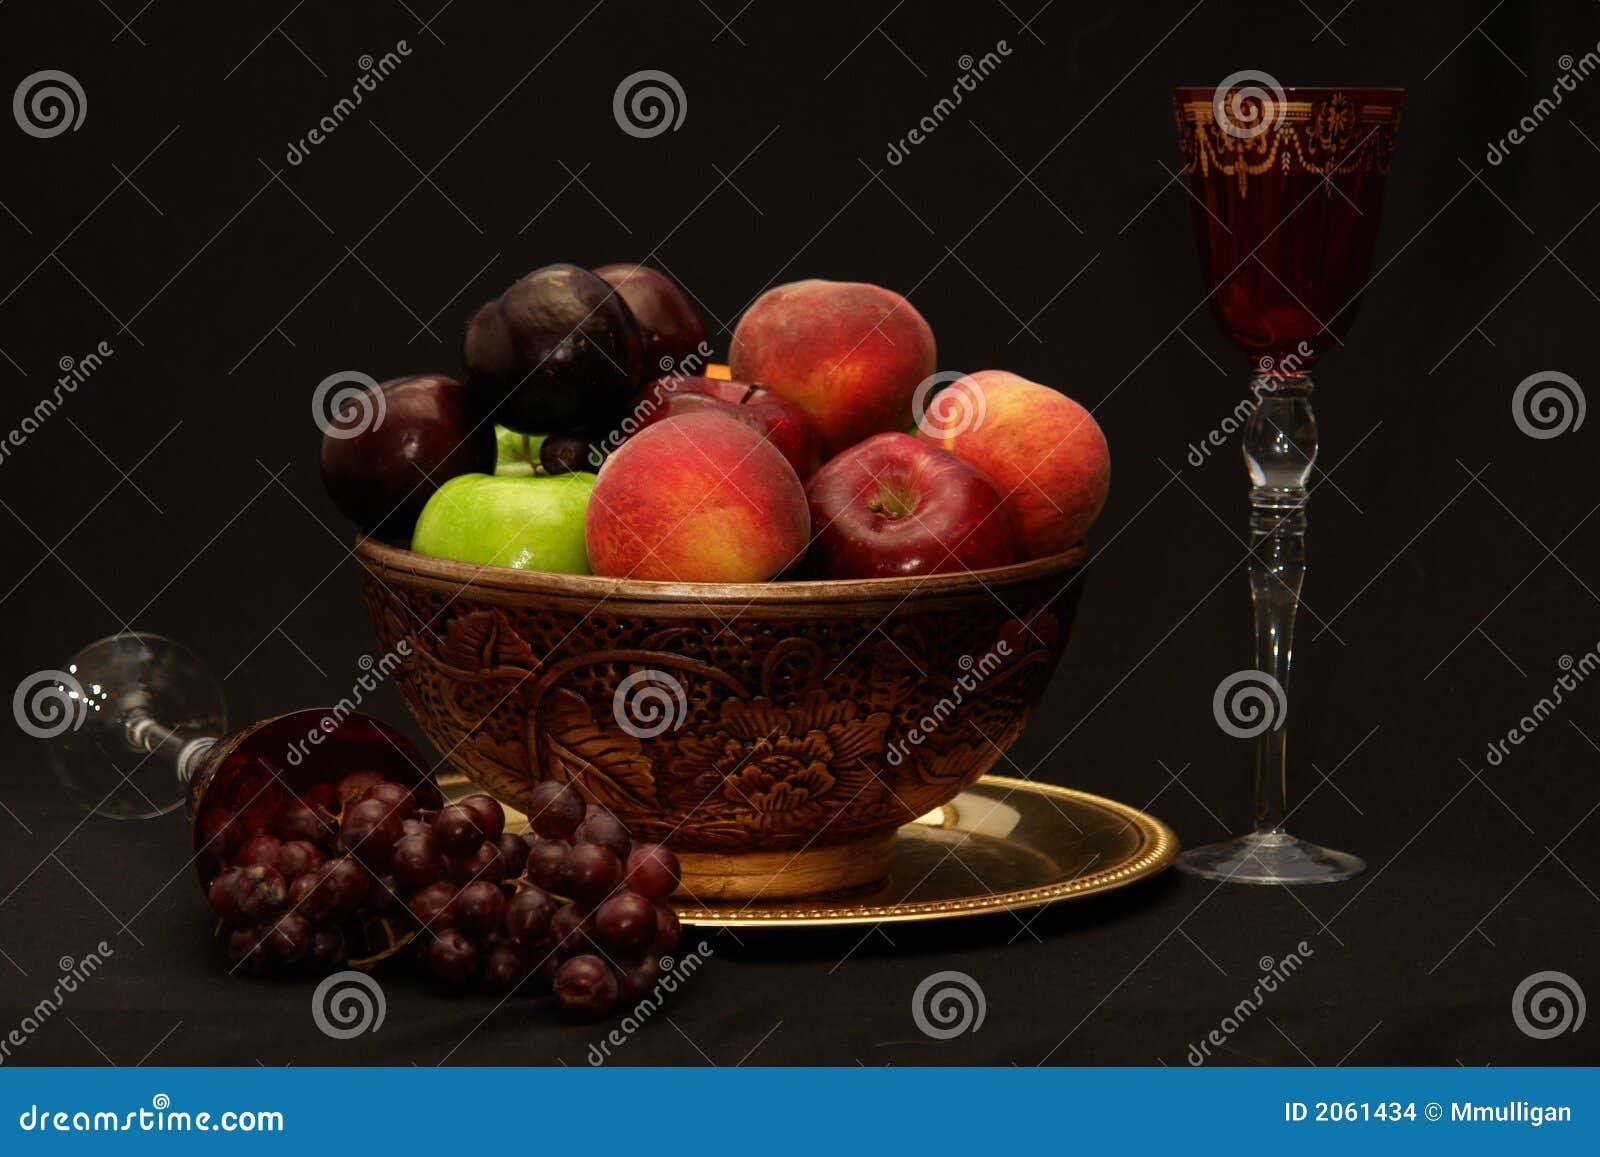 Fruit and Wine II